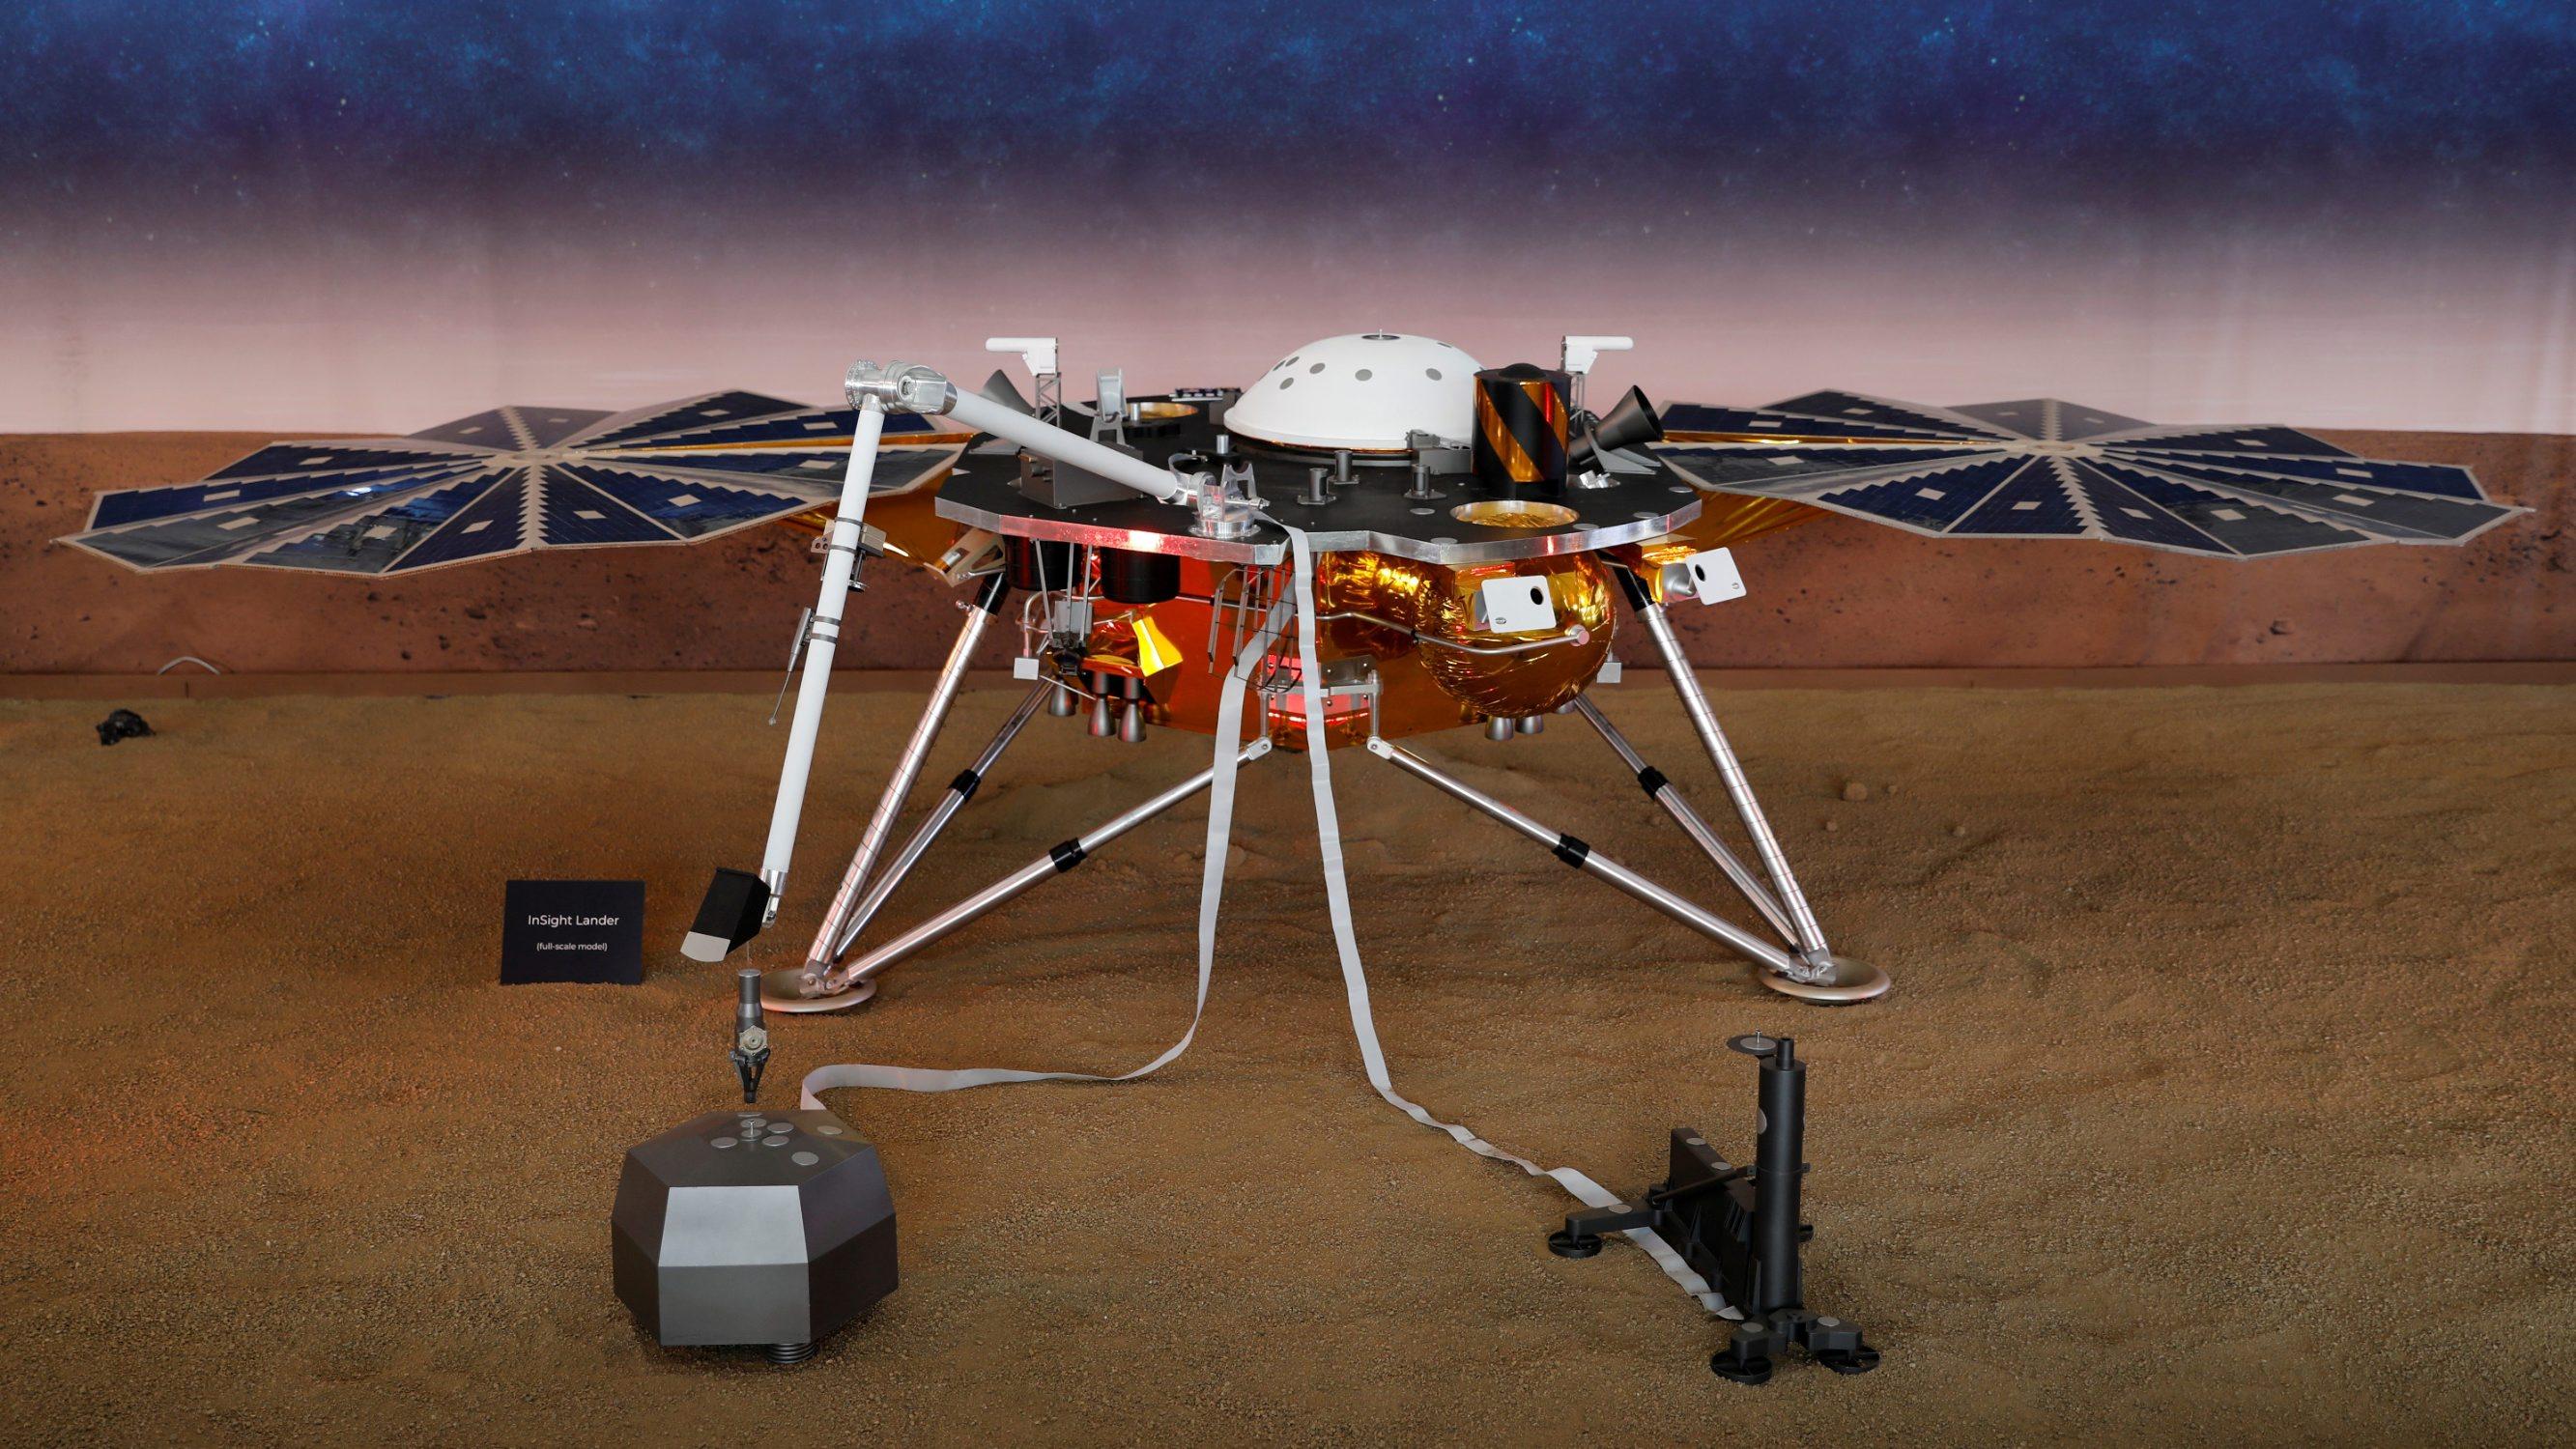 Insight, prva robotksa letjelica posebno dizajnirana za proučavanje duboke unutrašnjosti planeta